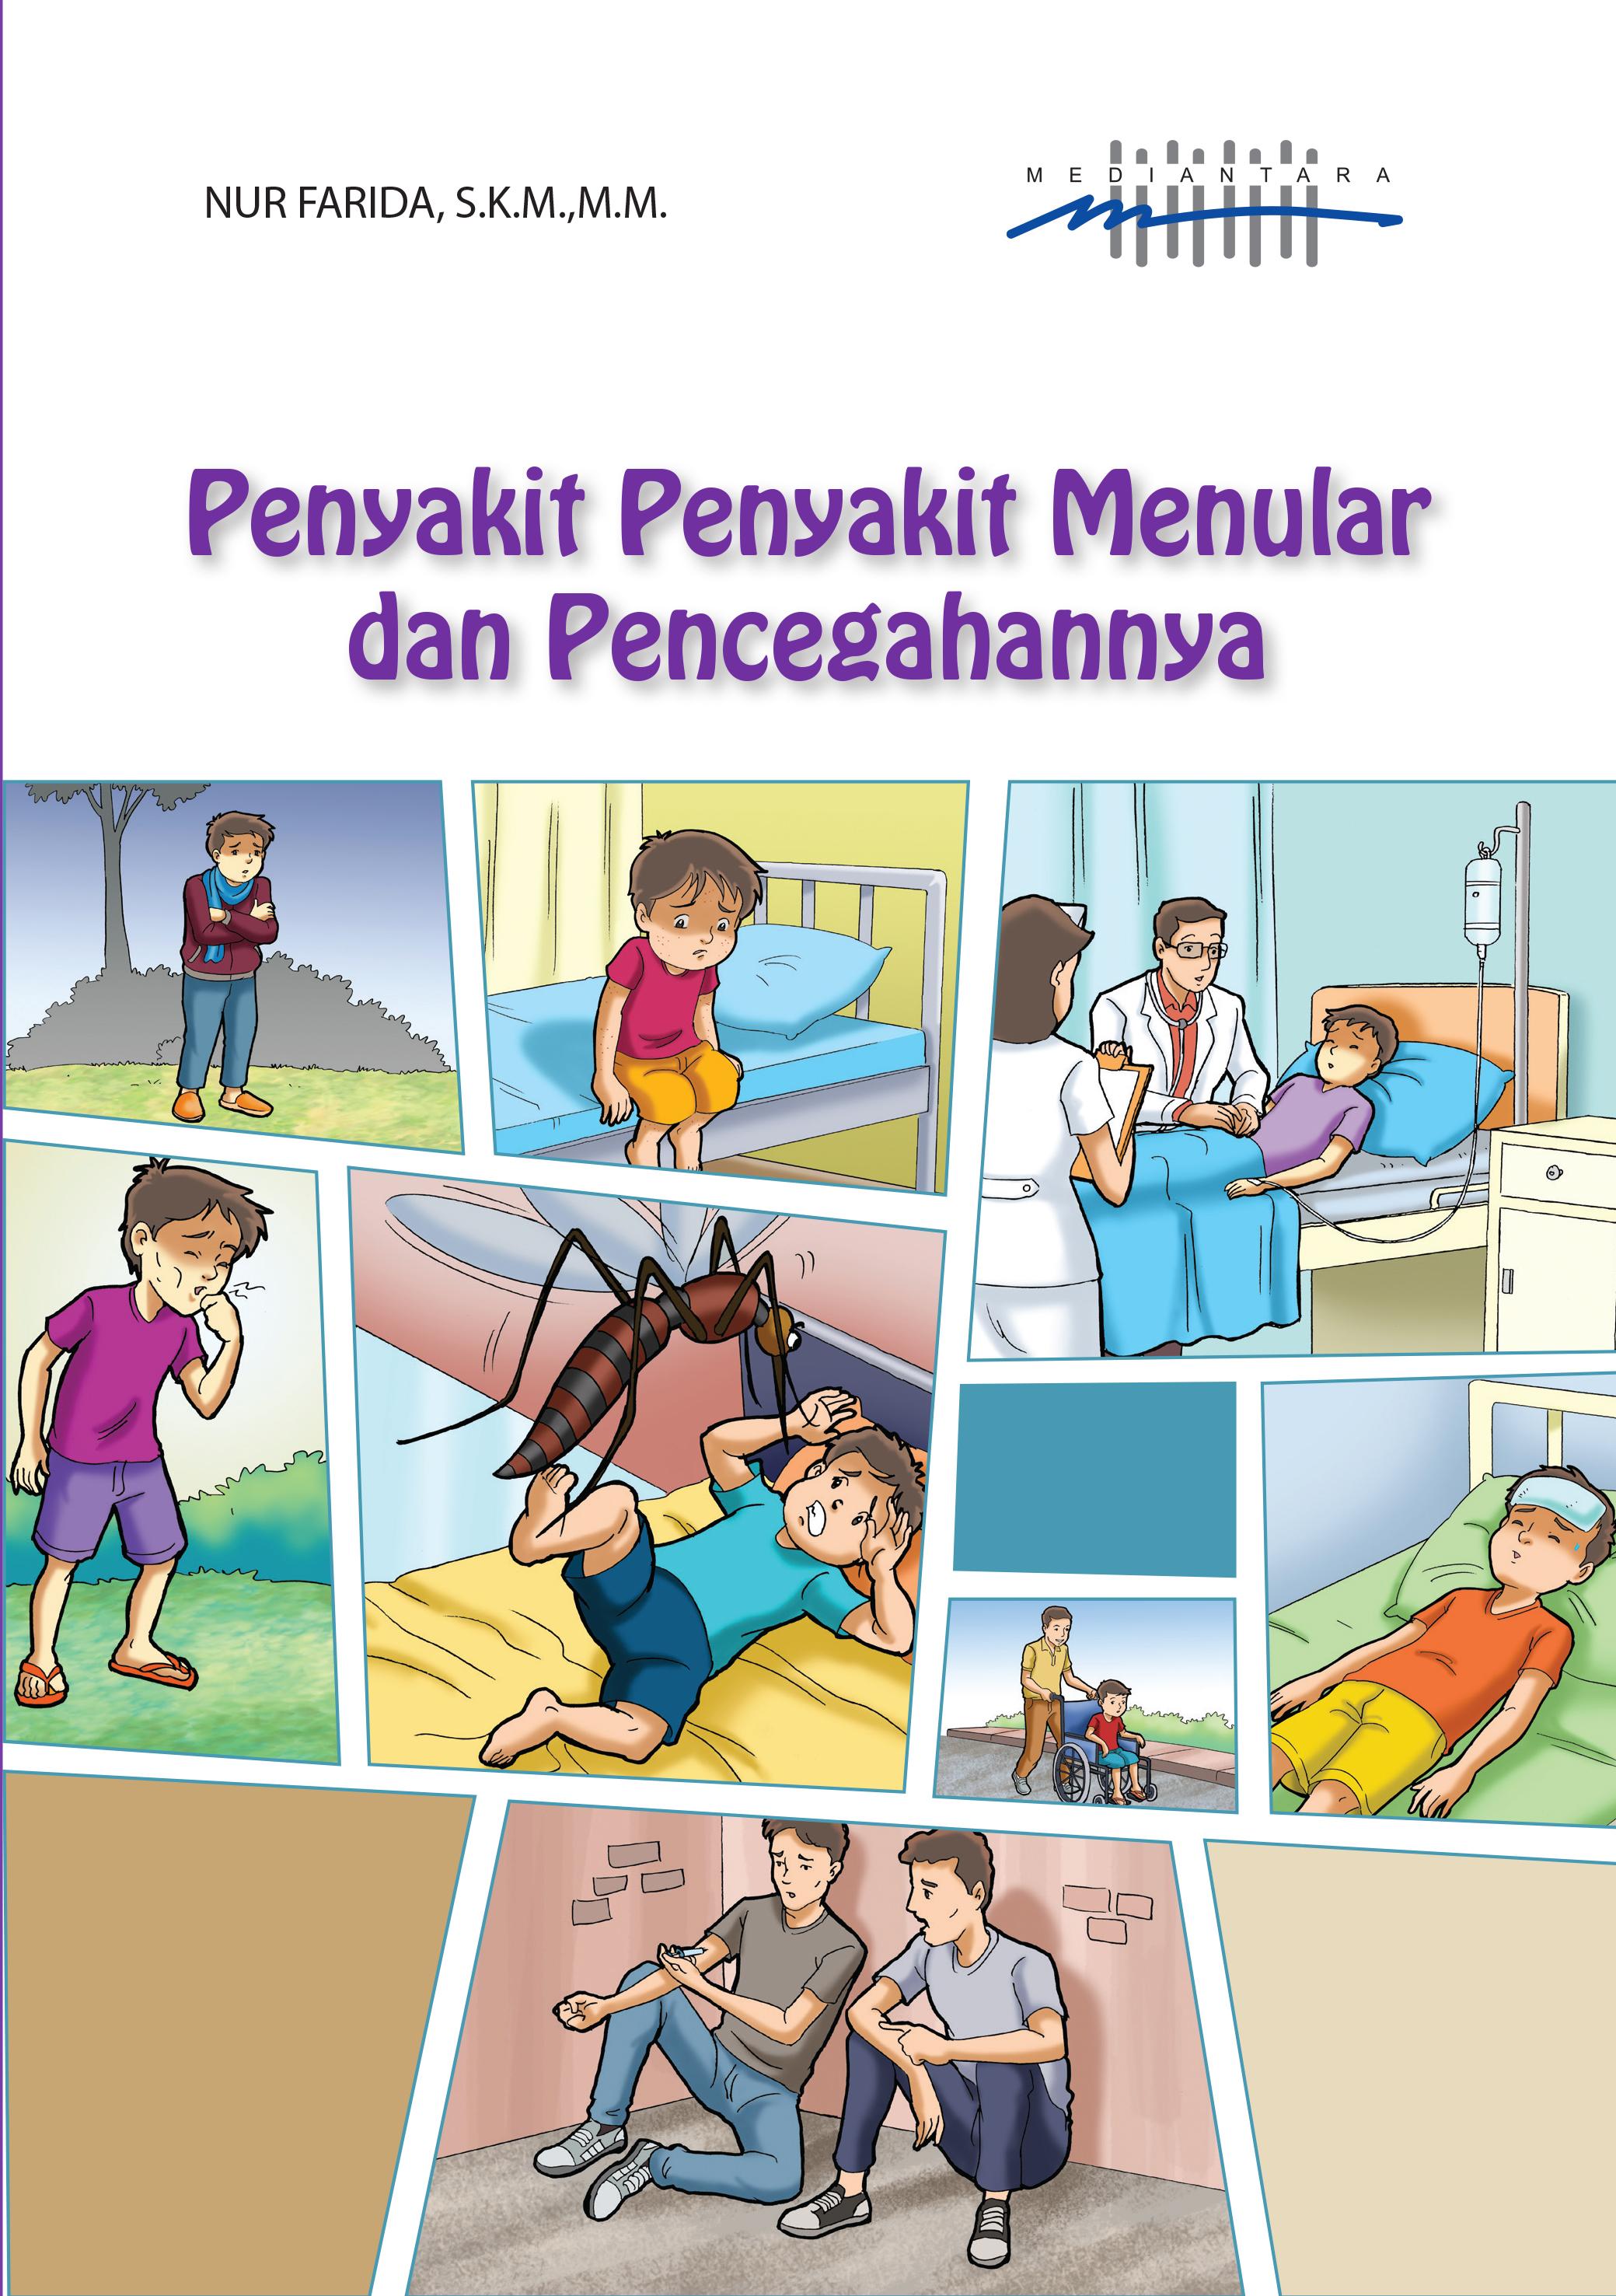 Penyakit-penyakit menular dan pencegahannya [sumber elektronis]